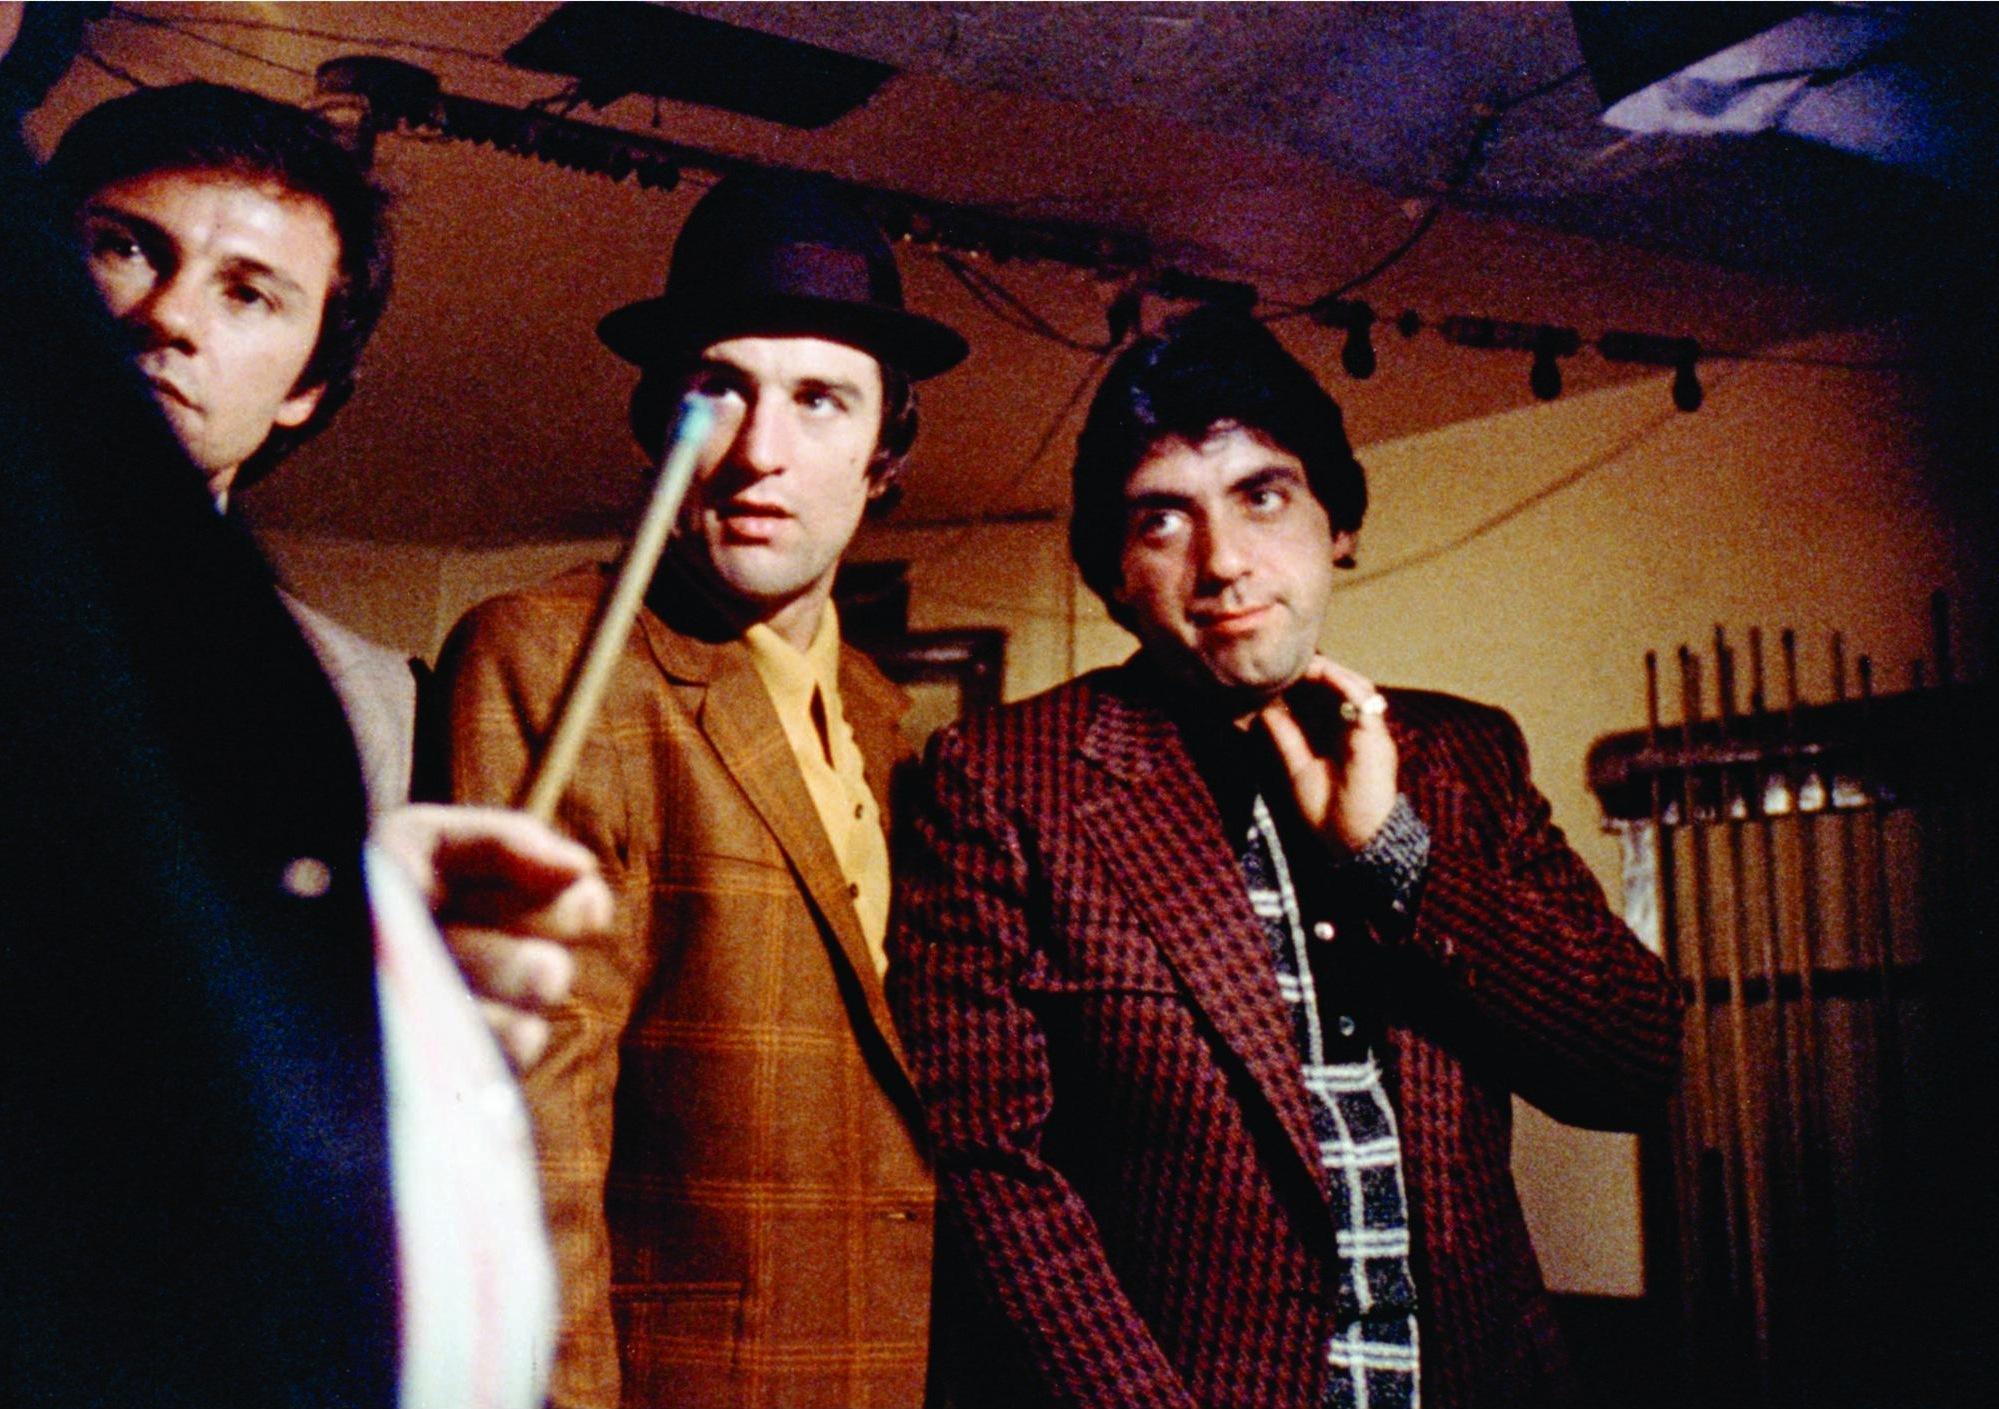 Caminhos Perigosos é o segundo longa de Scorsese e já mostra traços do que viria a ser o corpo de trabalho do diretor.